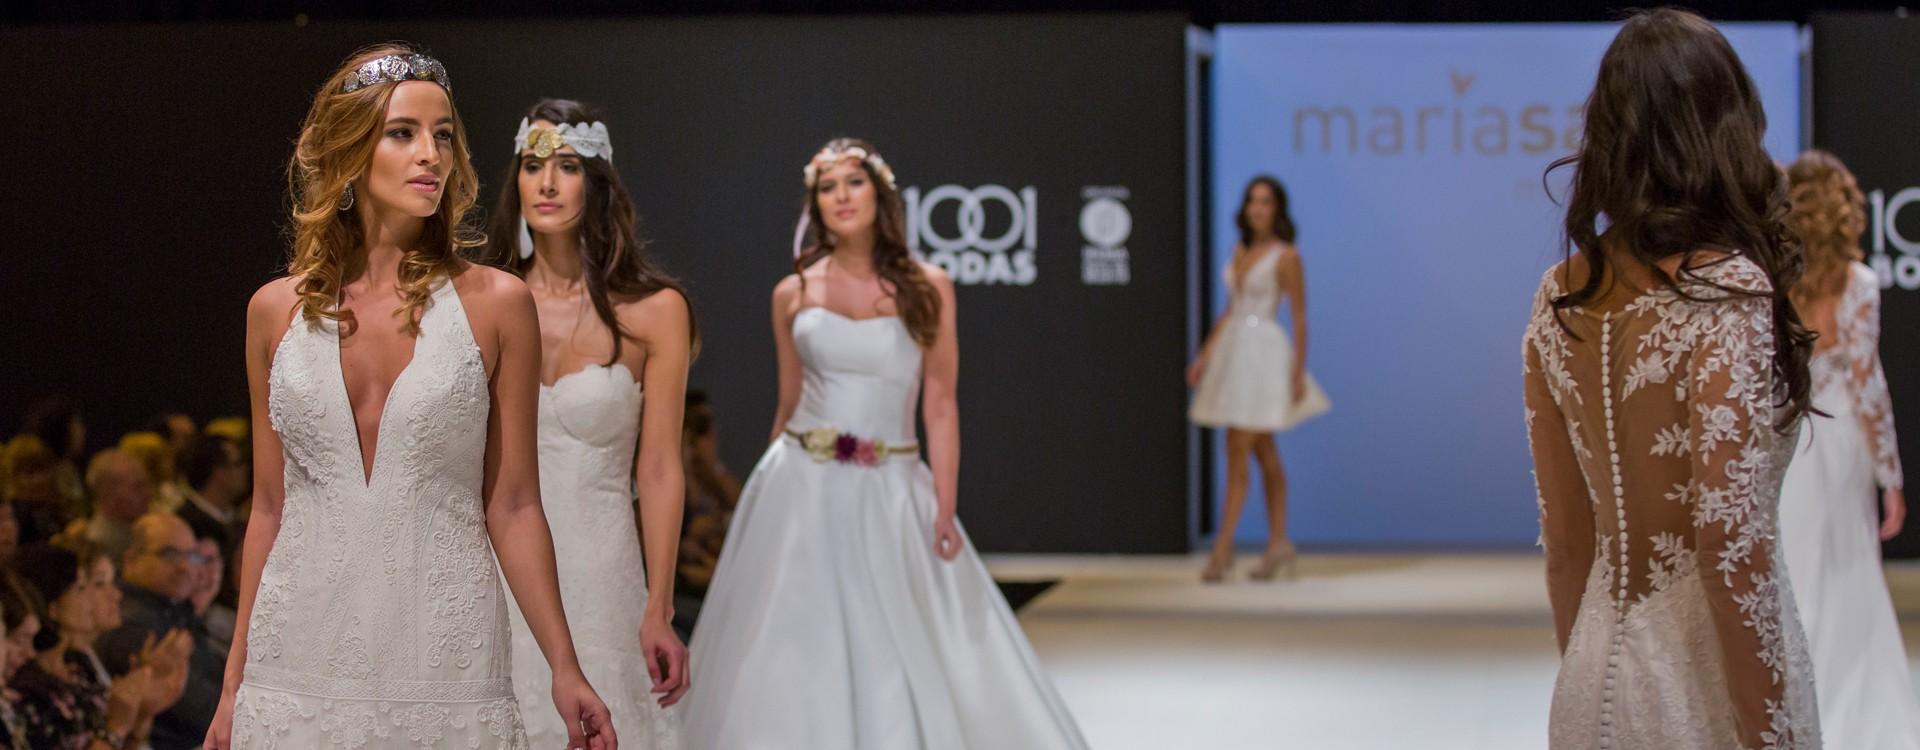 Tendencias en vestidos de novia 2018